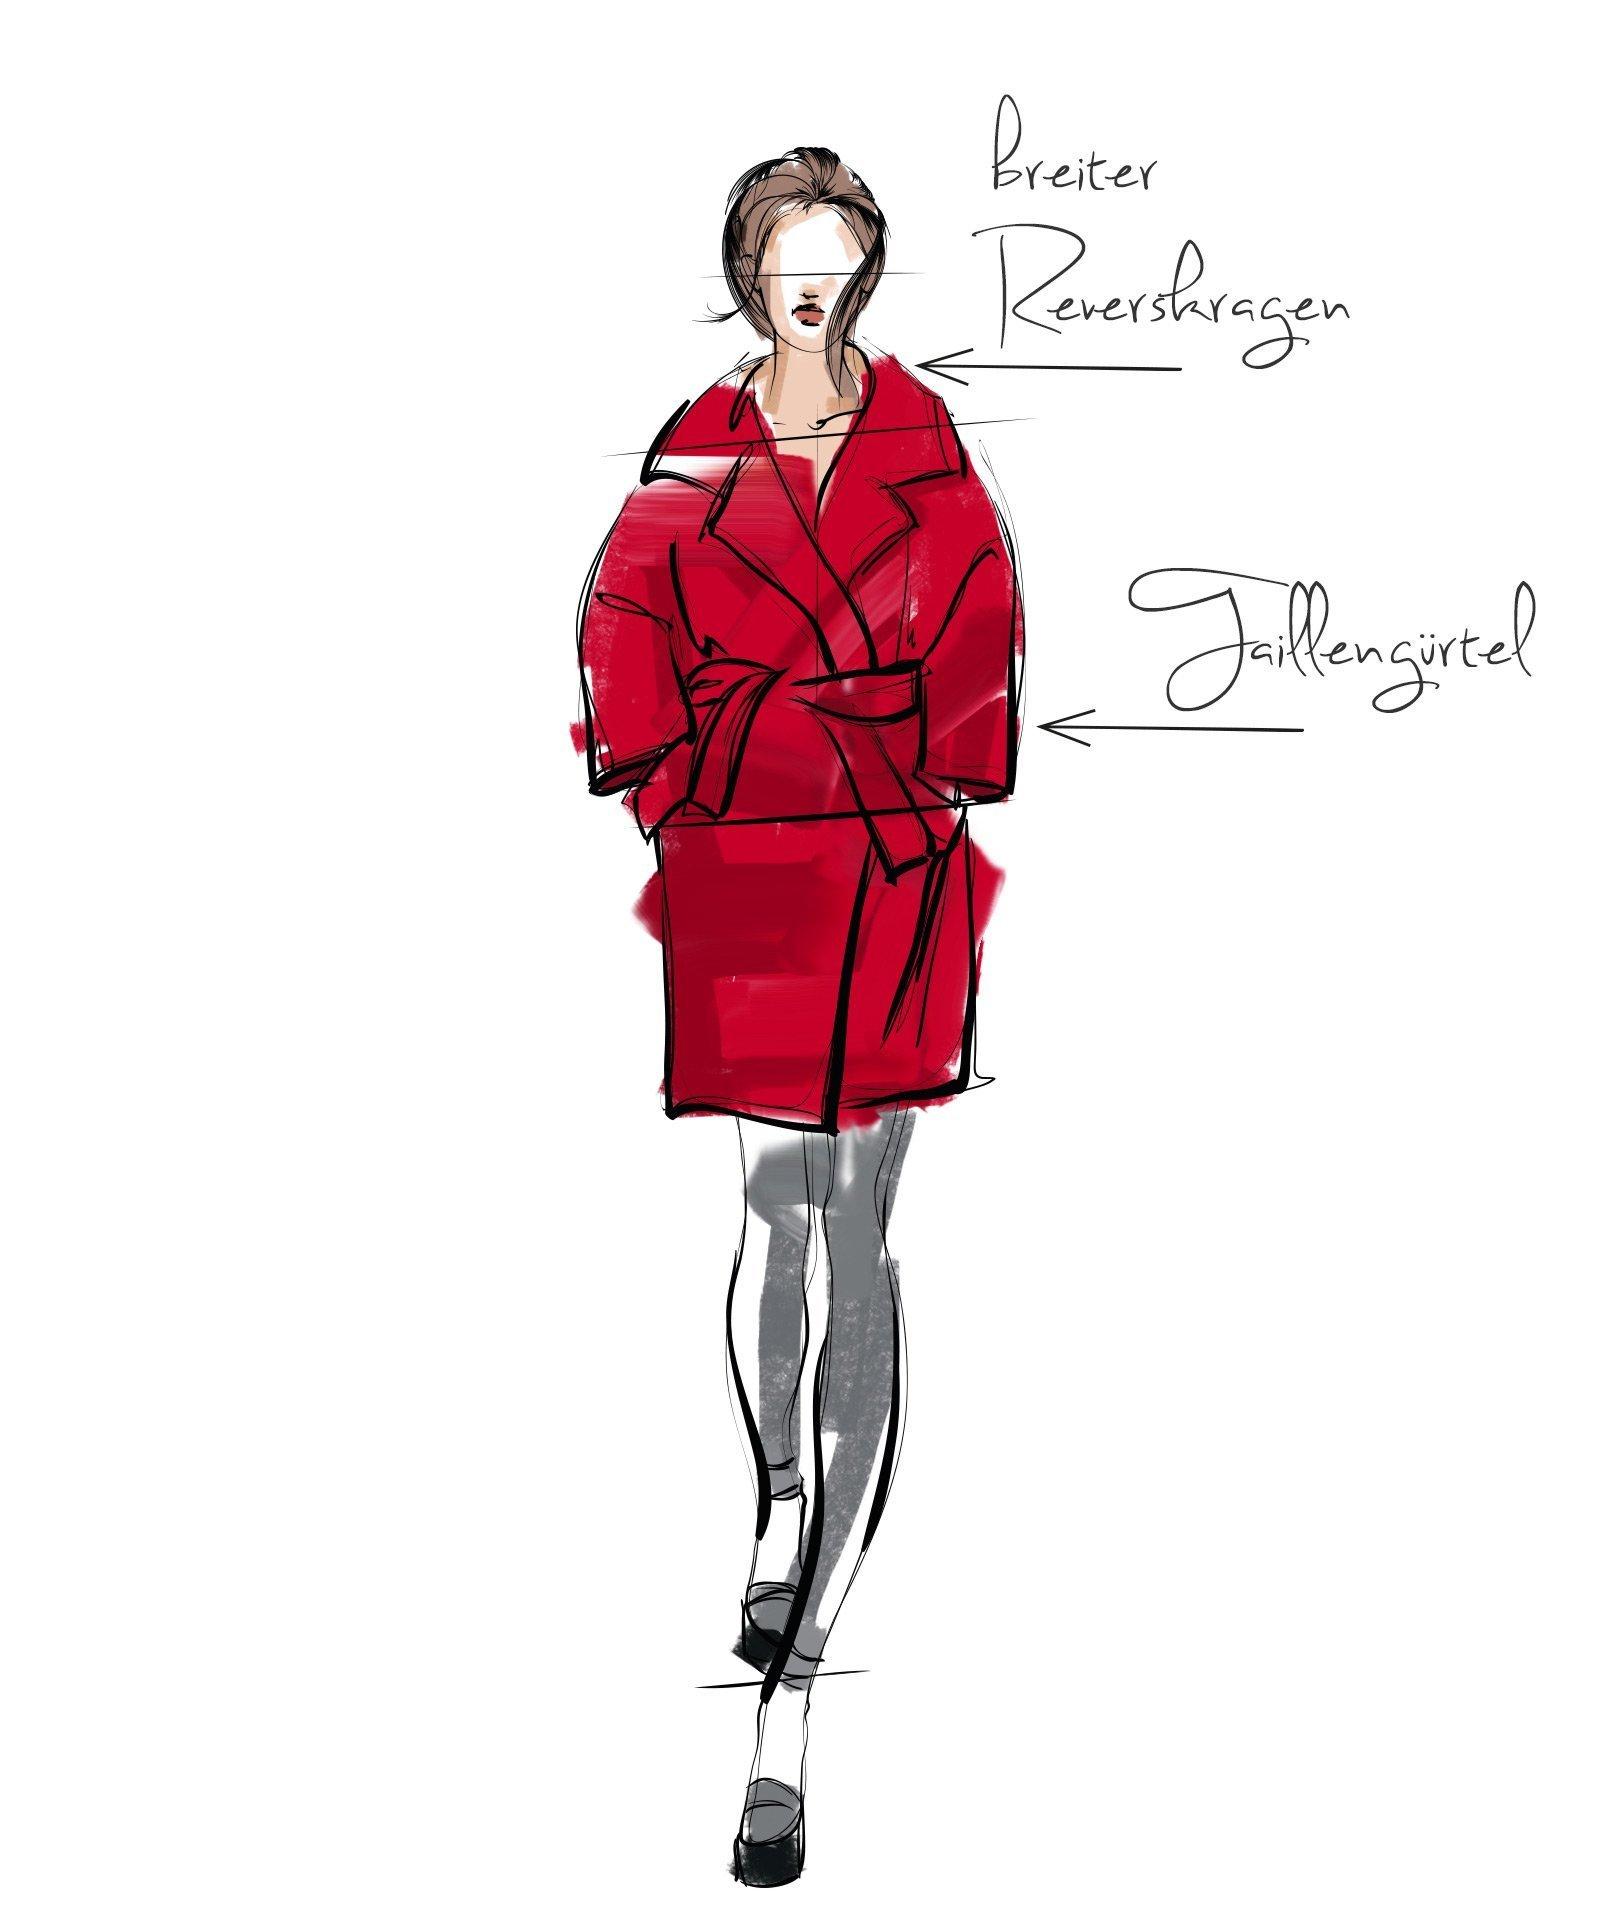 Illustration von Frau mit rotem Mantel maskuline figur